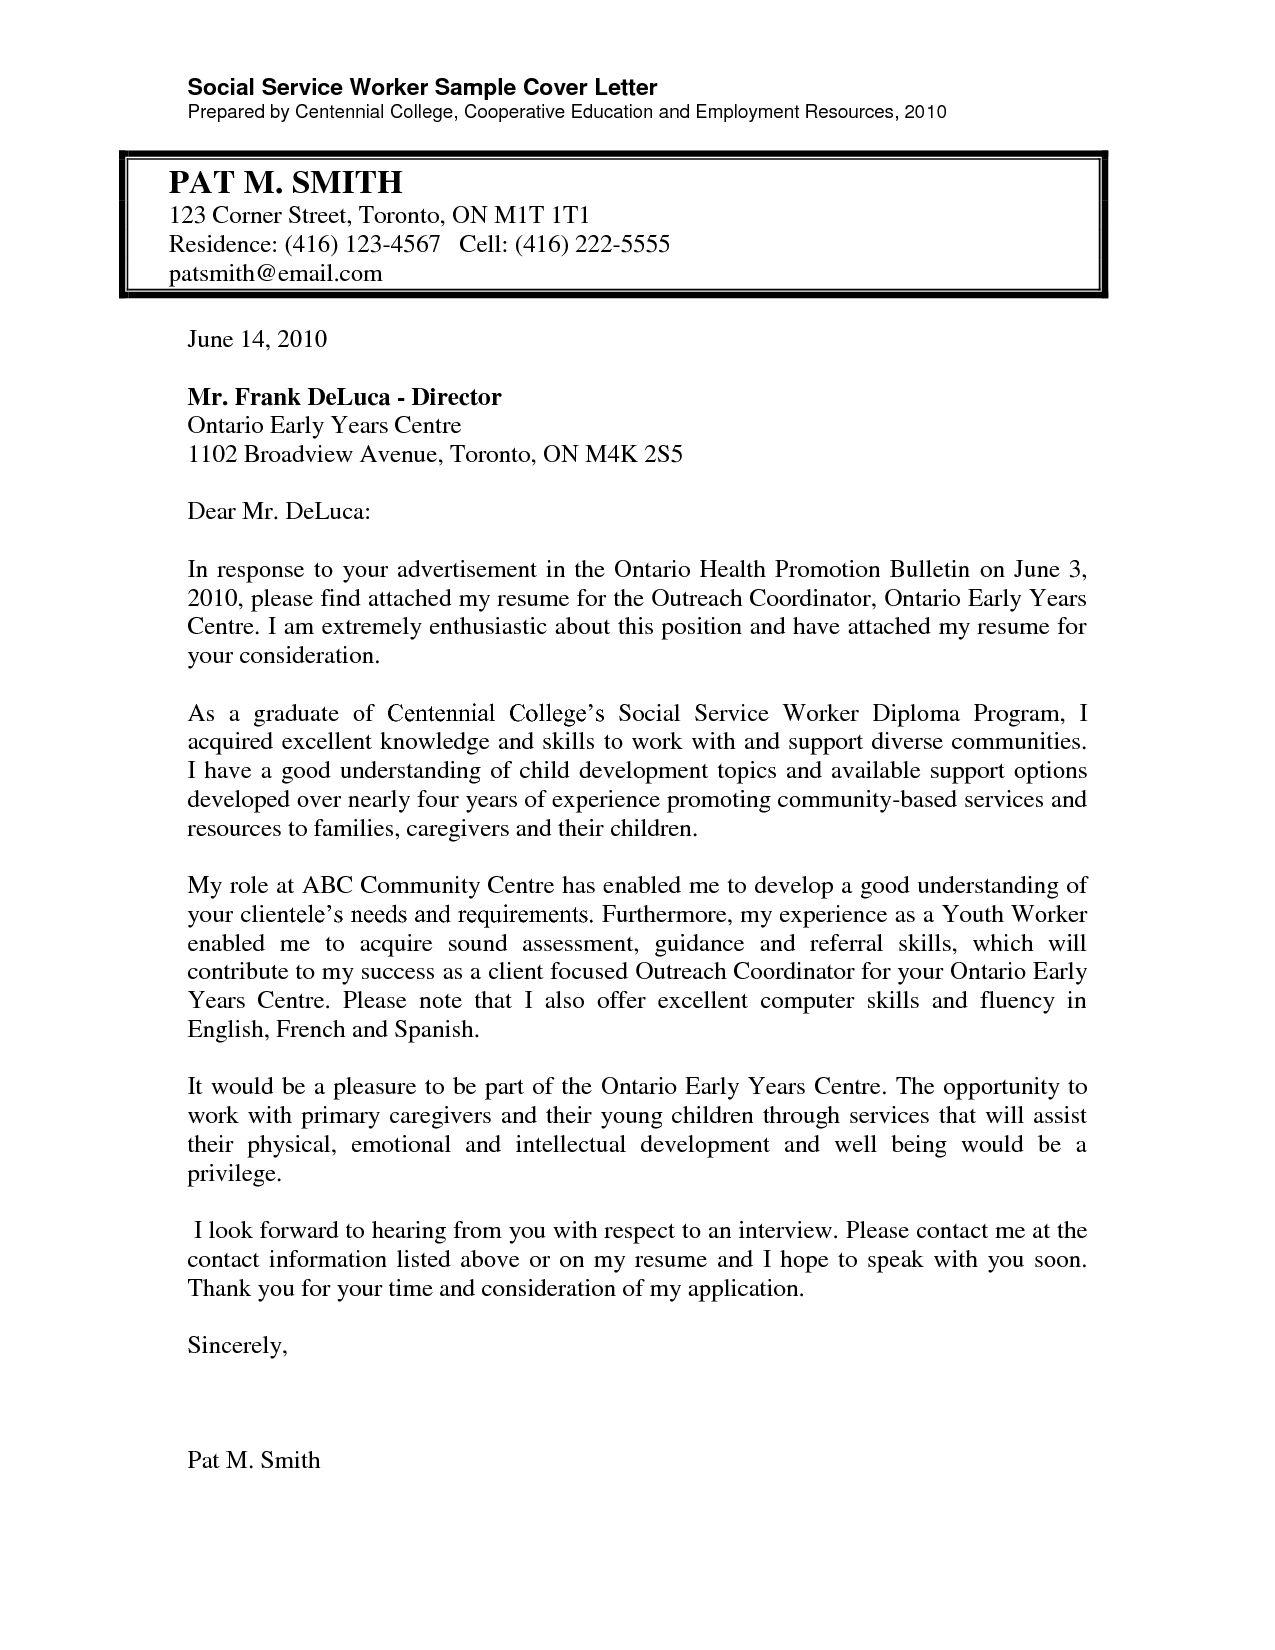 23 Social Work Cover Letter Cover Letter For Resume Cover Letter Teacher Resume Examples